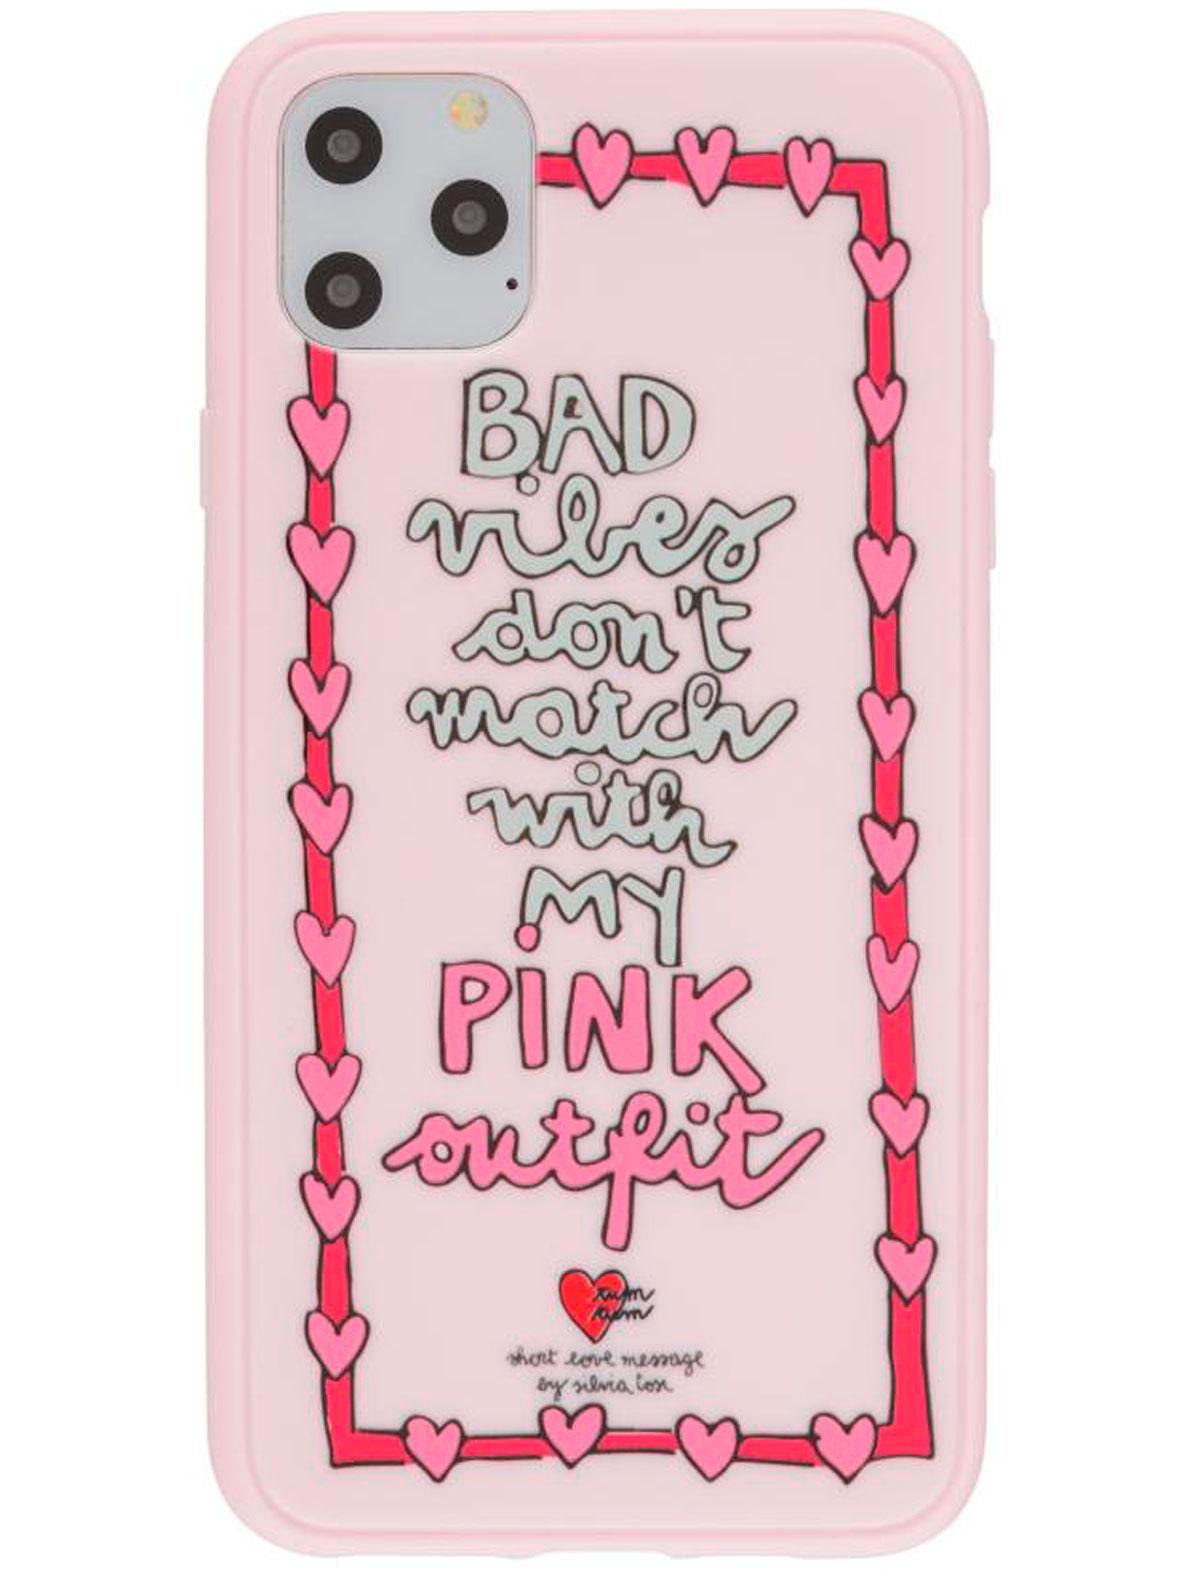 Купить 2196607, Чехол для телефона BENJAMINS, розовый, 5674528070170